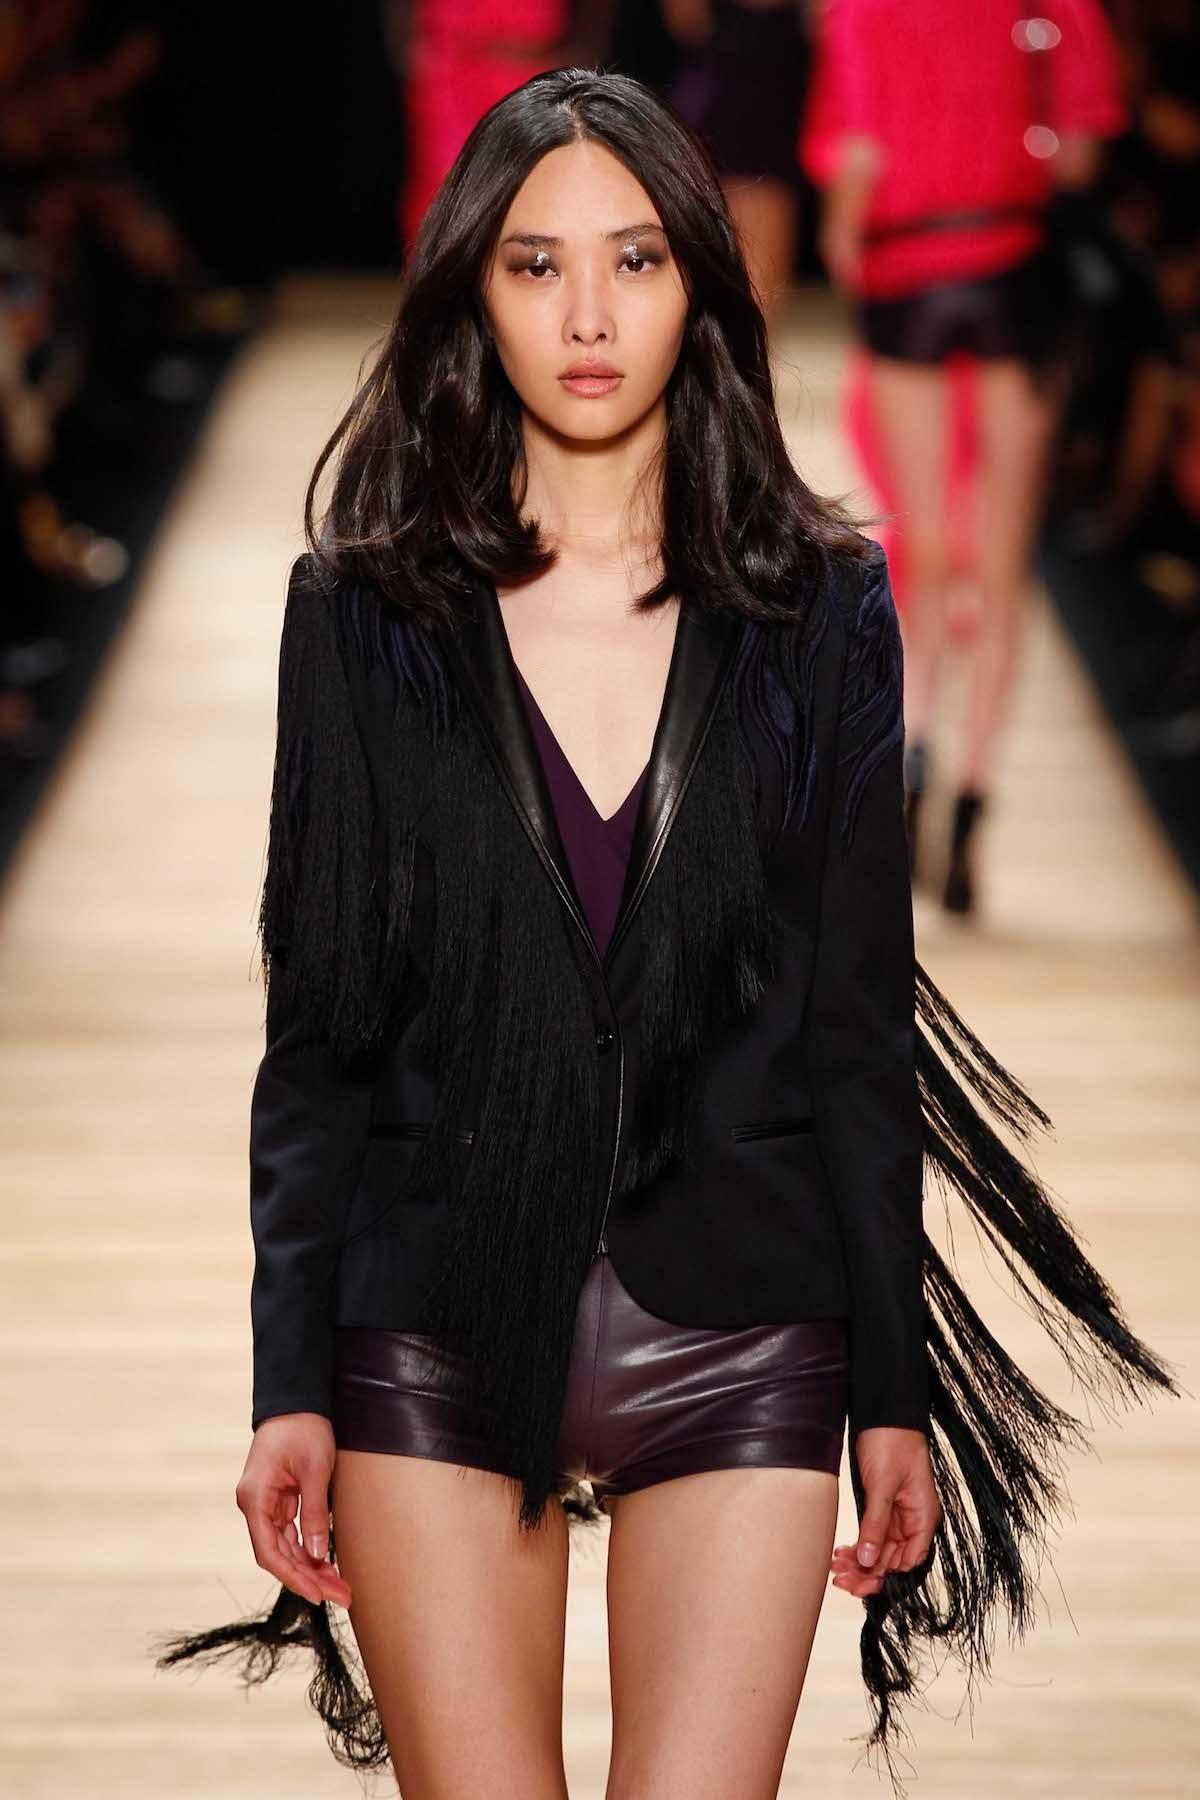 Wanita asia dengan model rambut untuk wajah panjang tanpa layer